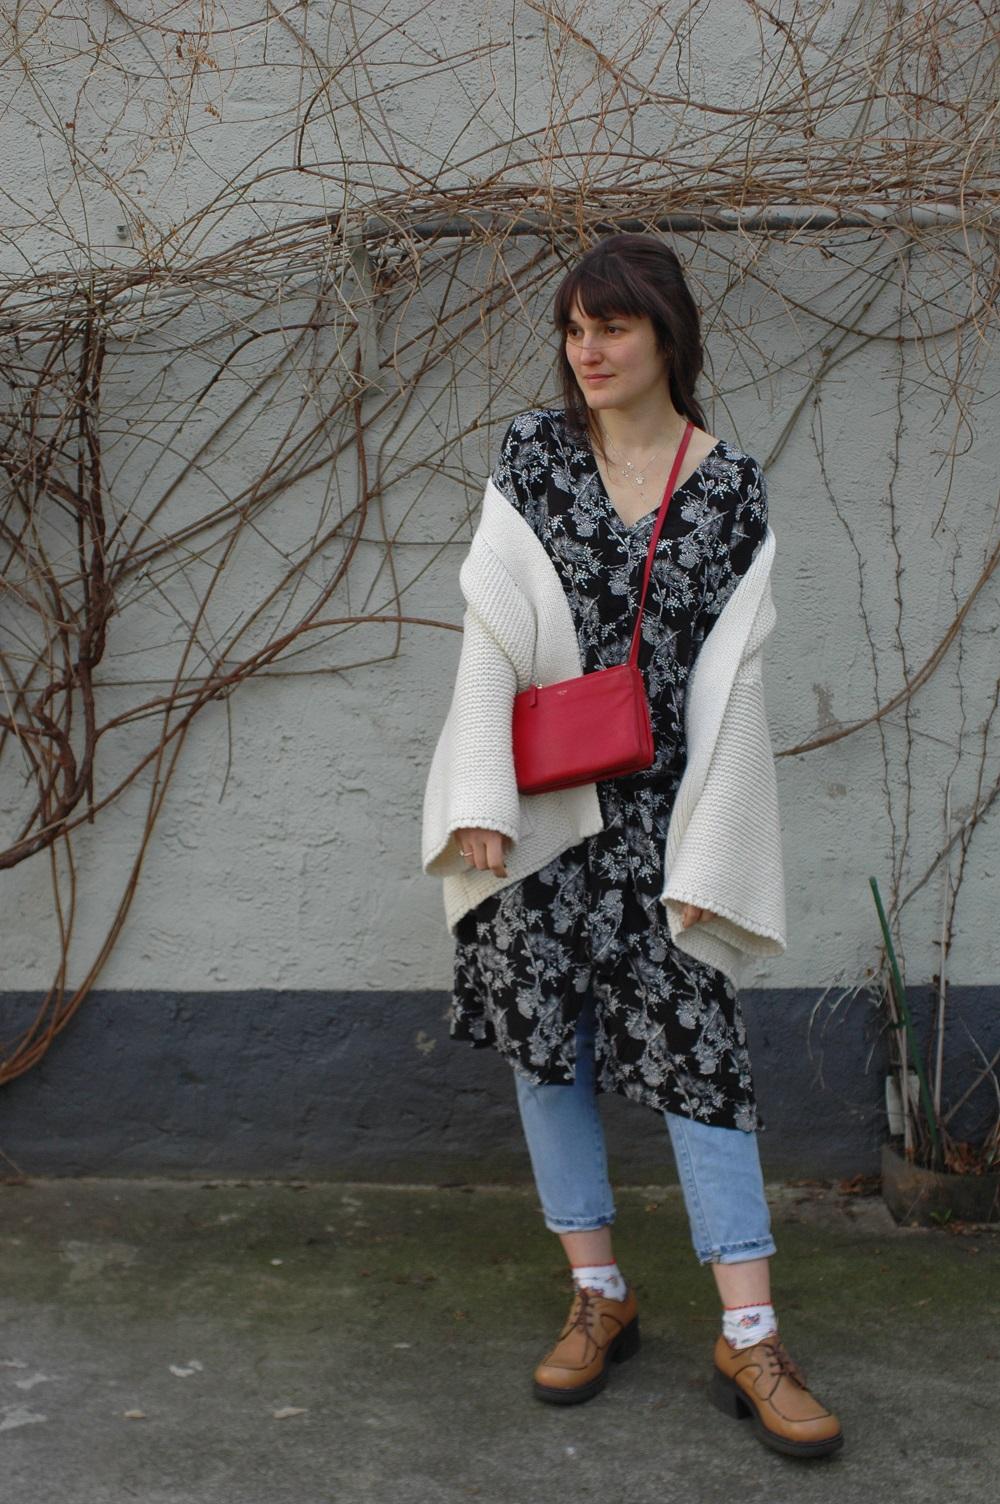 Céline Trio, Kimono Strickmantel, Coled Jeans und Kleidchen- Kleid über Hose ist einfach die perfekte Kombi, um den kühlen Frühlingswind zu trotzen!